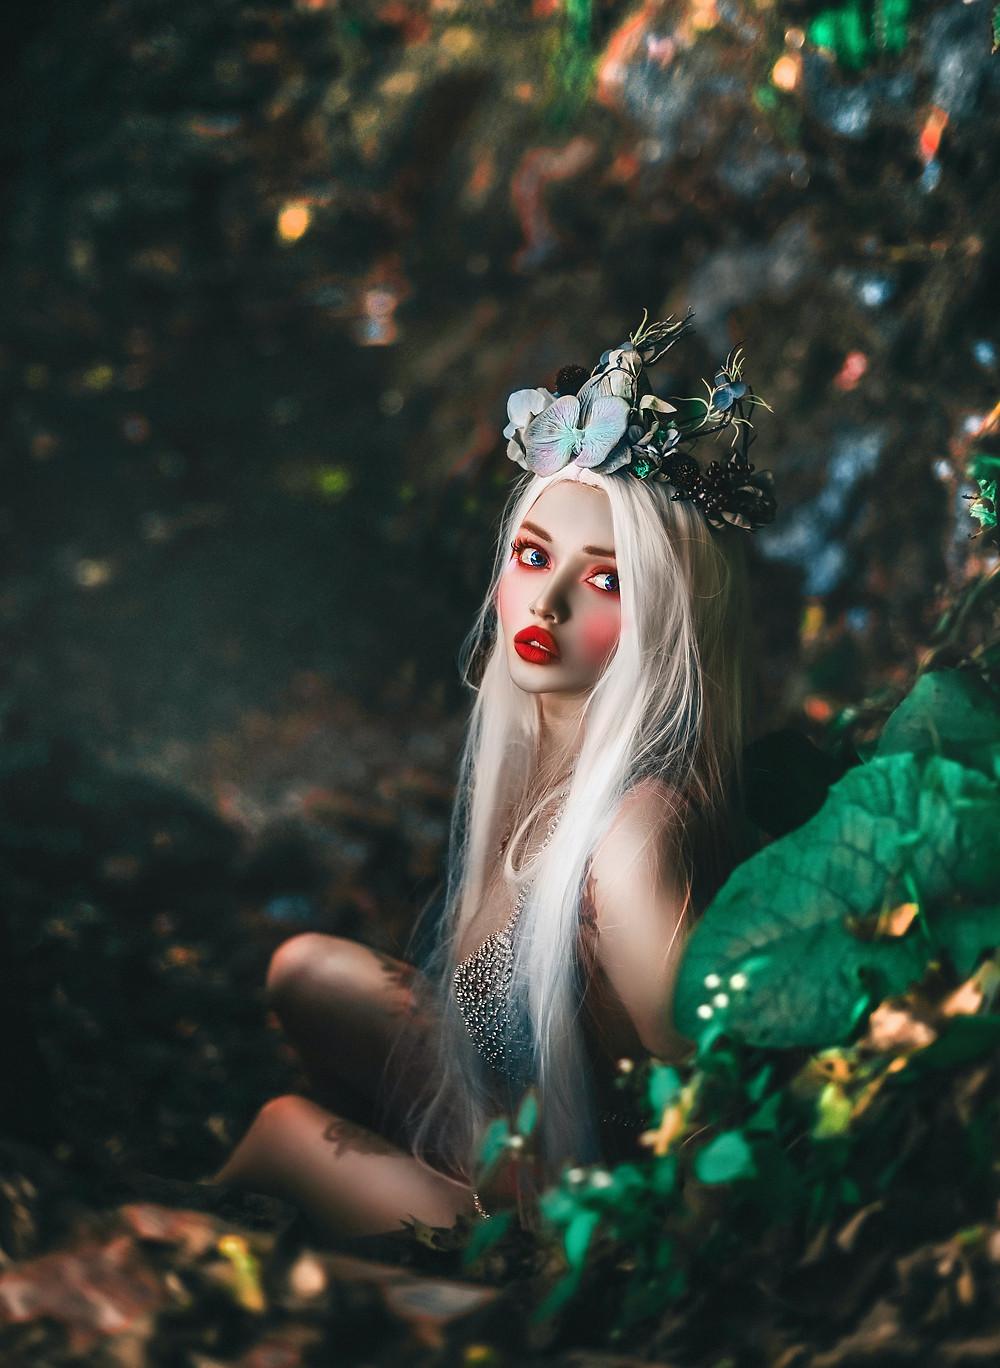 Fairy Tale Writing Ideas - Mermaid on Land